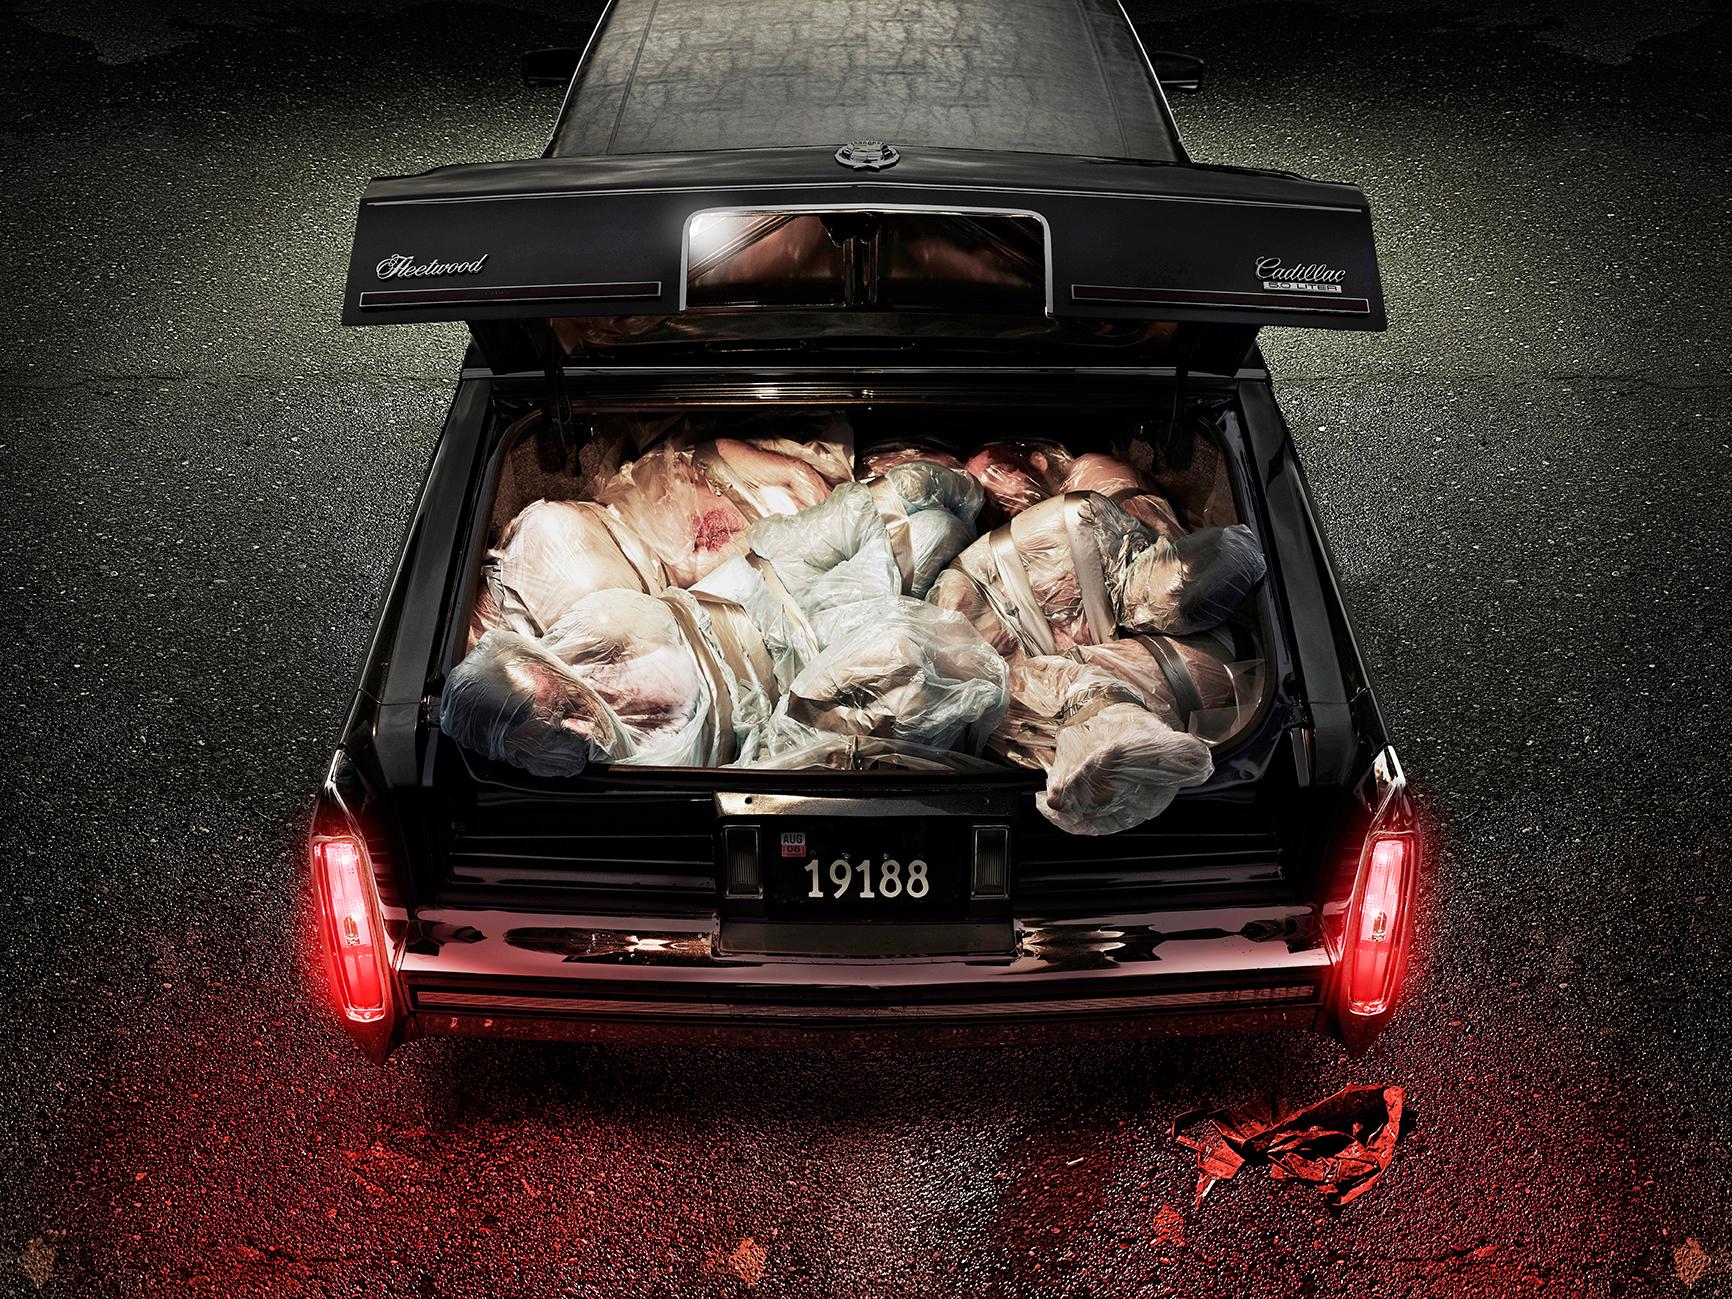 loaded_trunk_flat.jpg